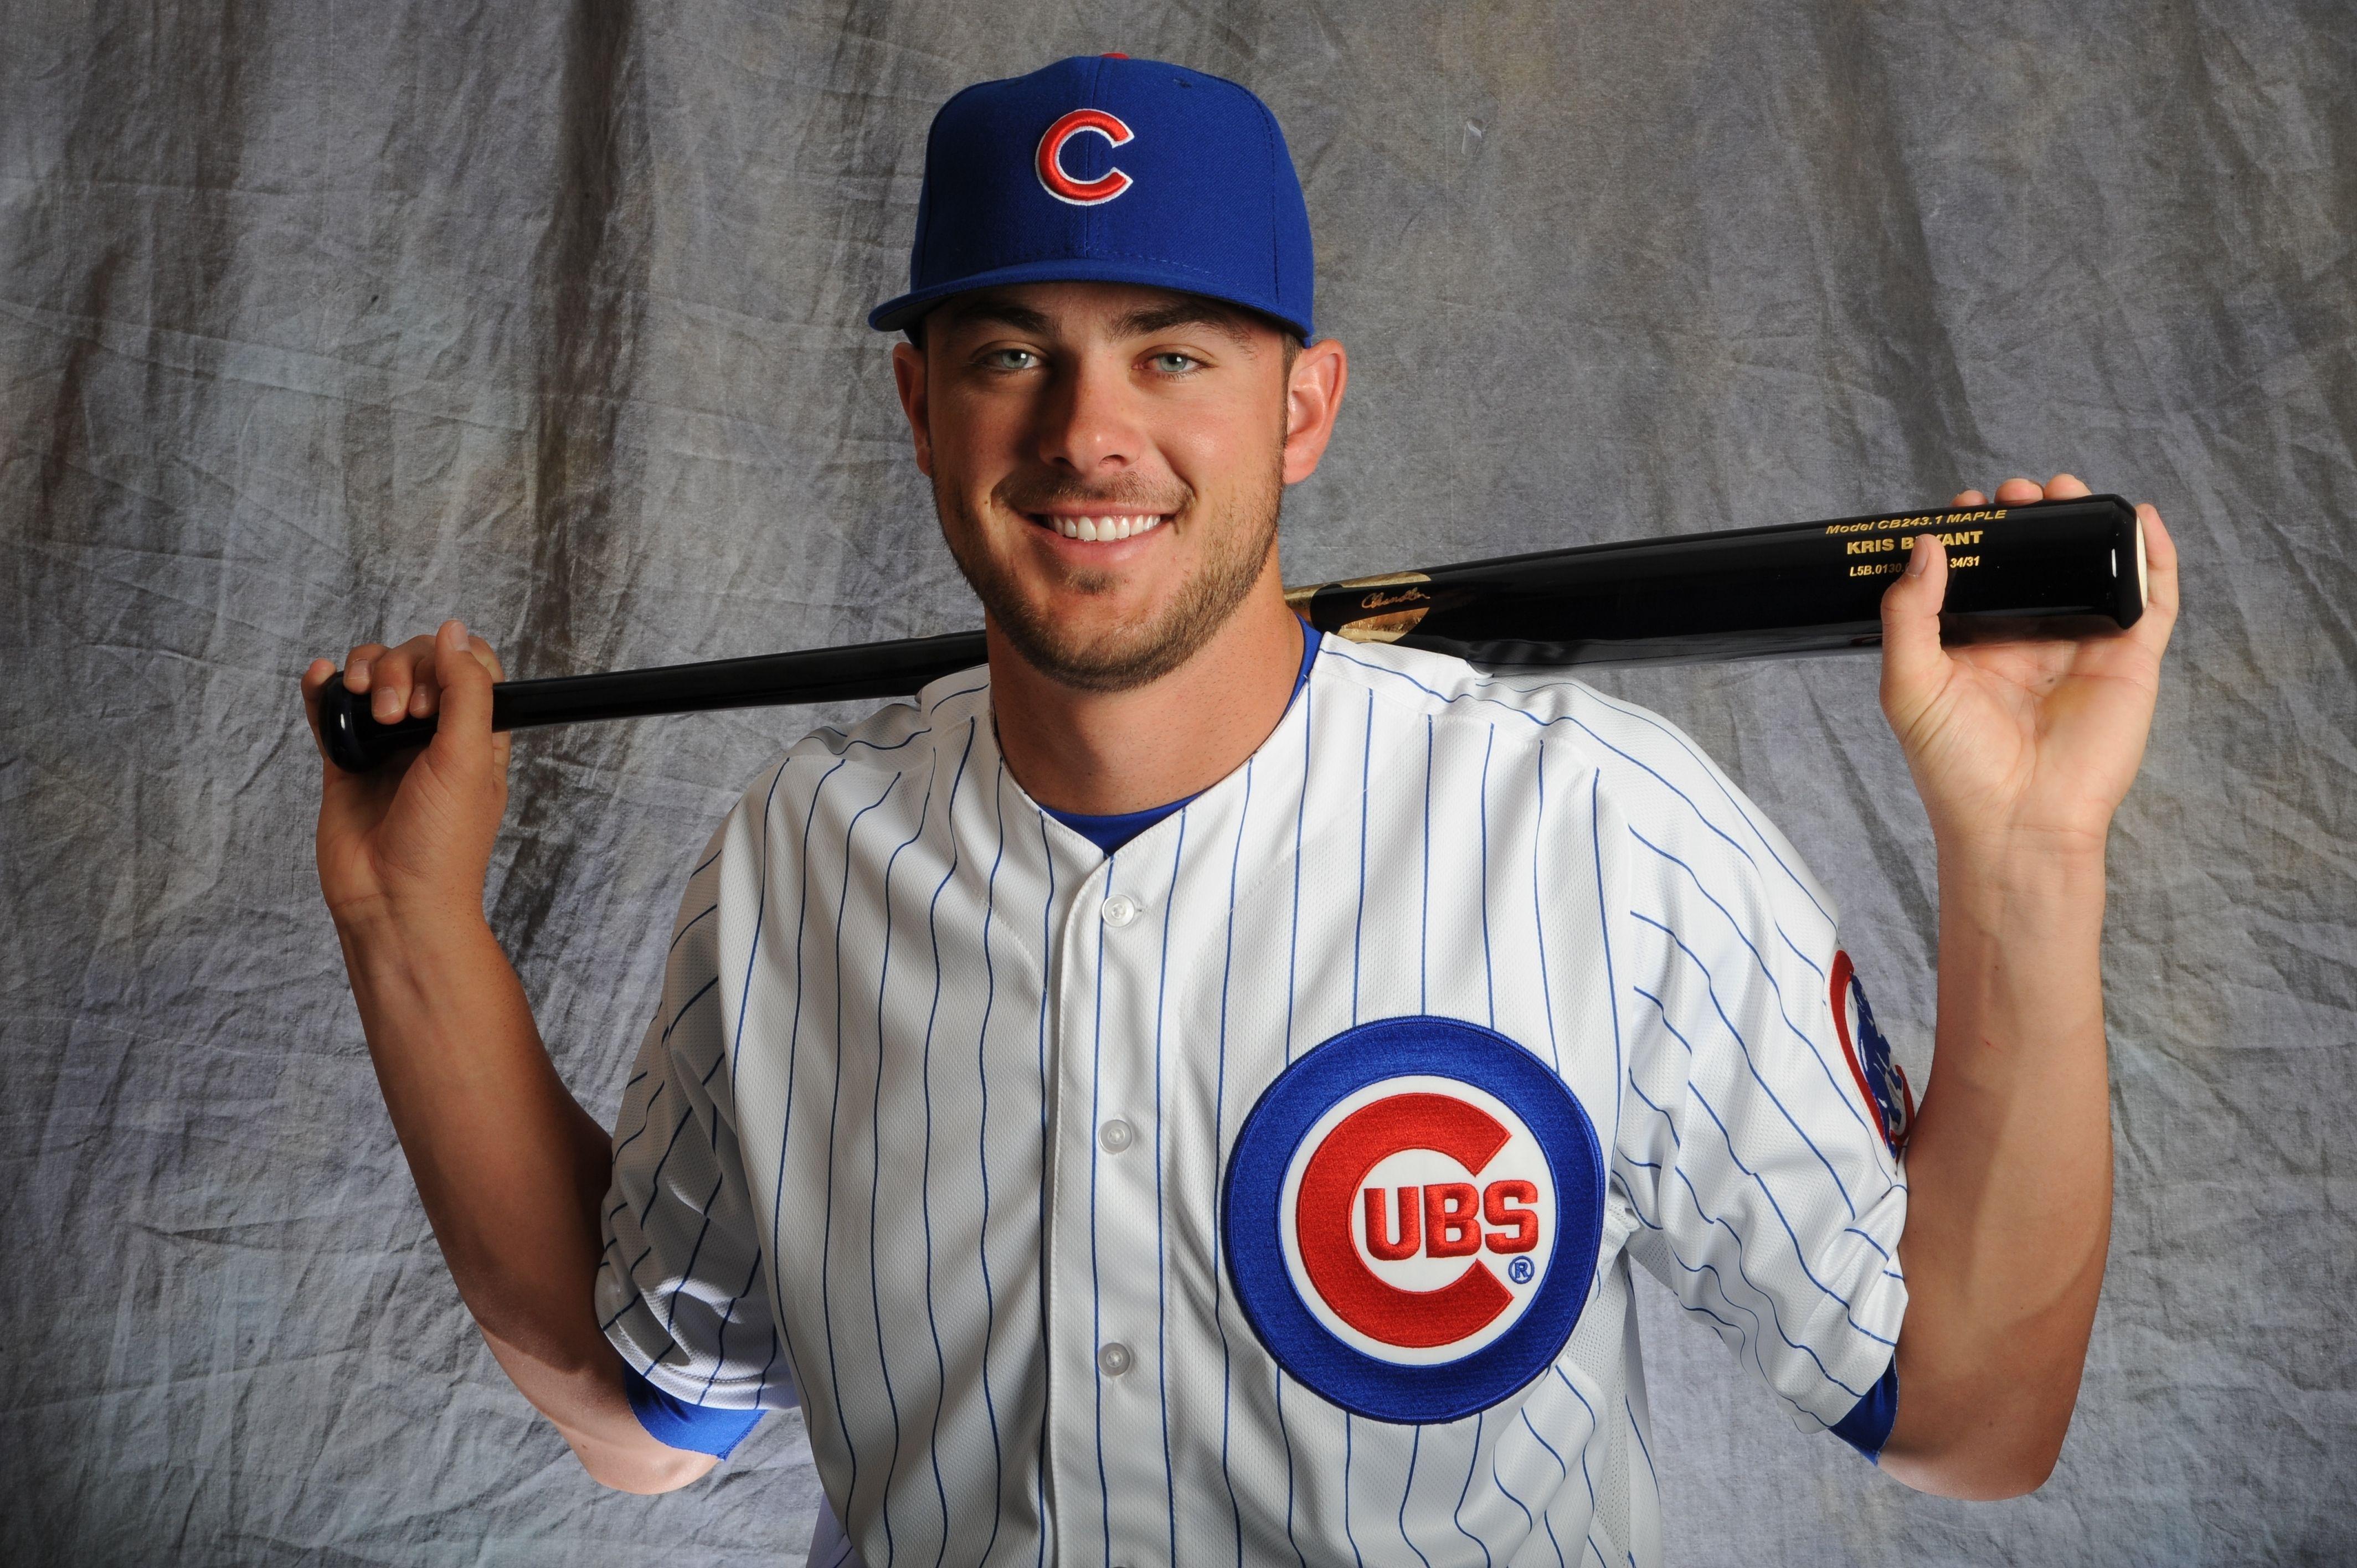 kris bryant cubs wallpaper 2018 in baseball